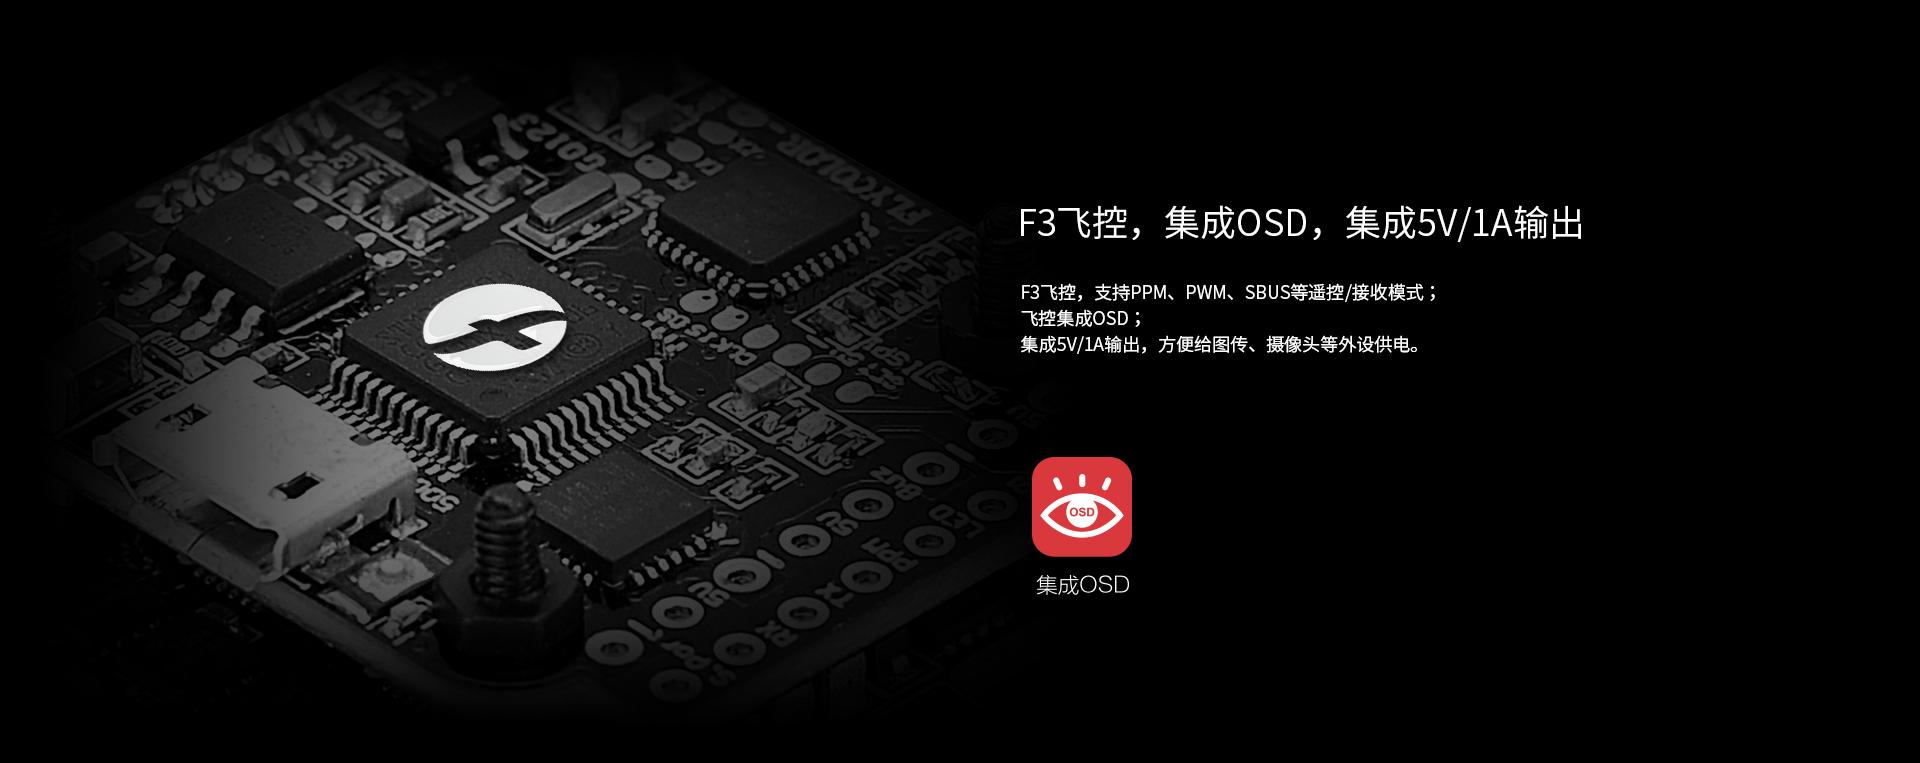 img-3-集成OSD.jpg